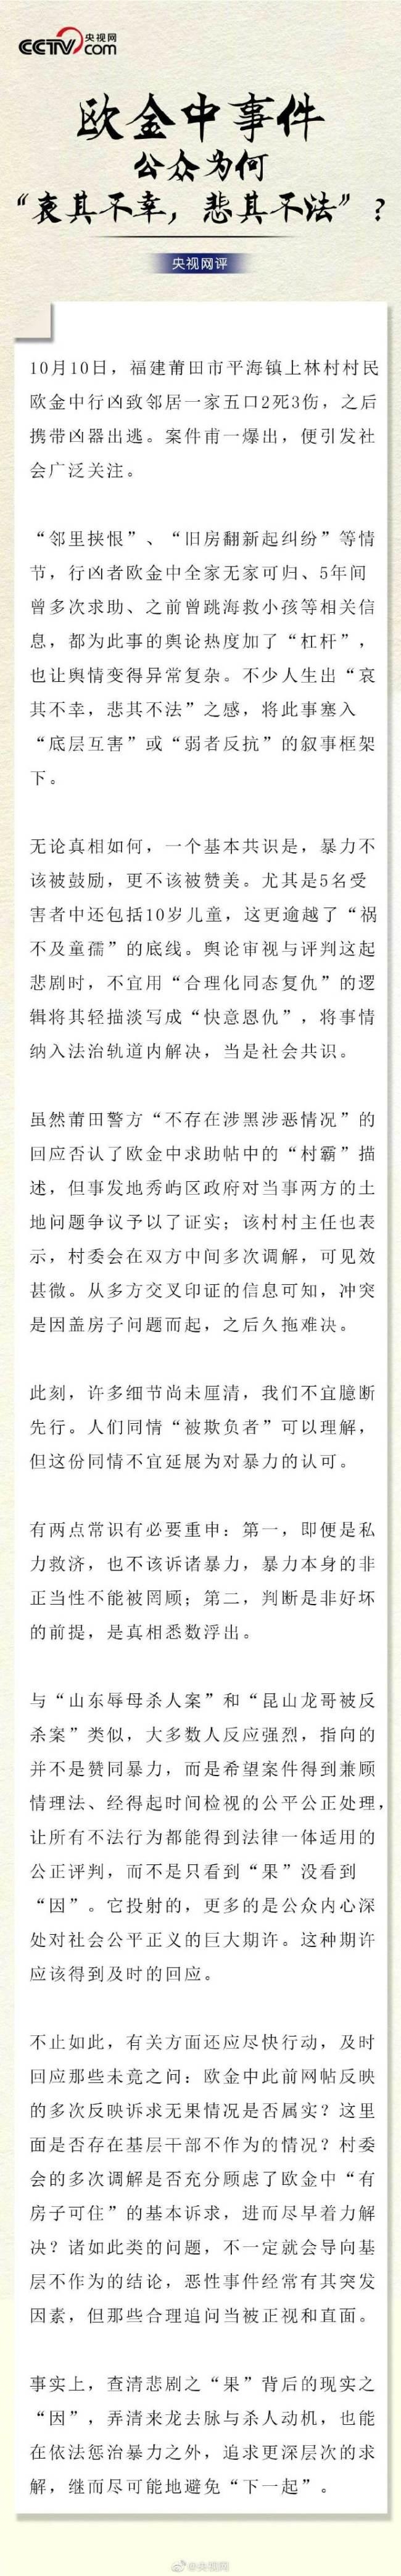 央视网评莆田刑案:暴力不该被鼓励 更不该被赞美